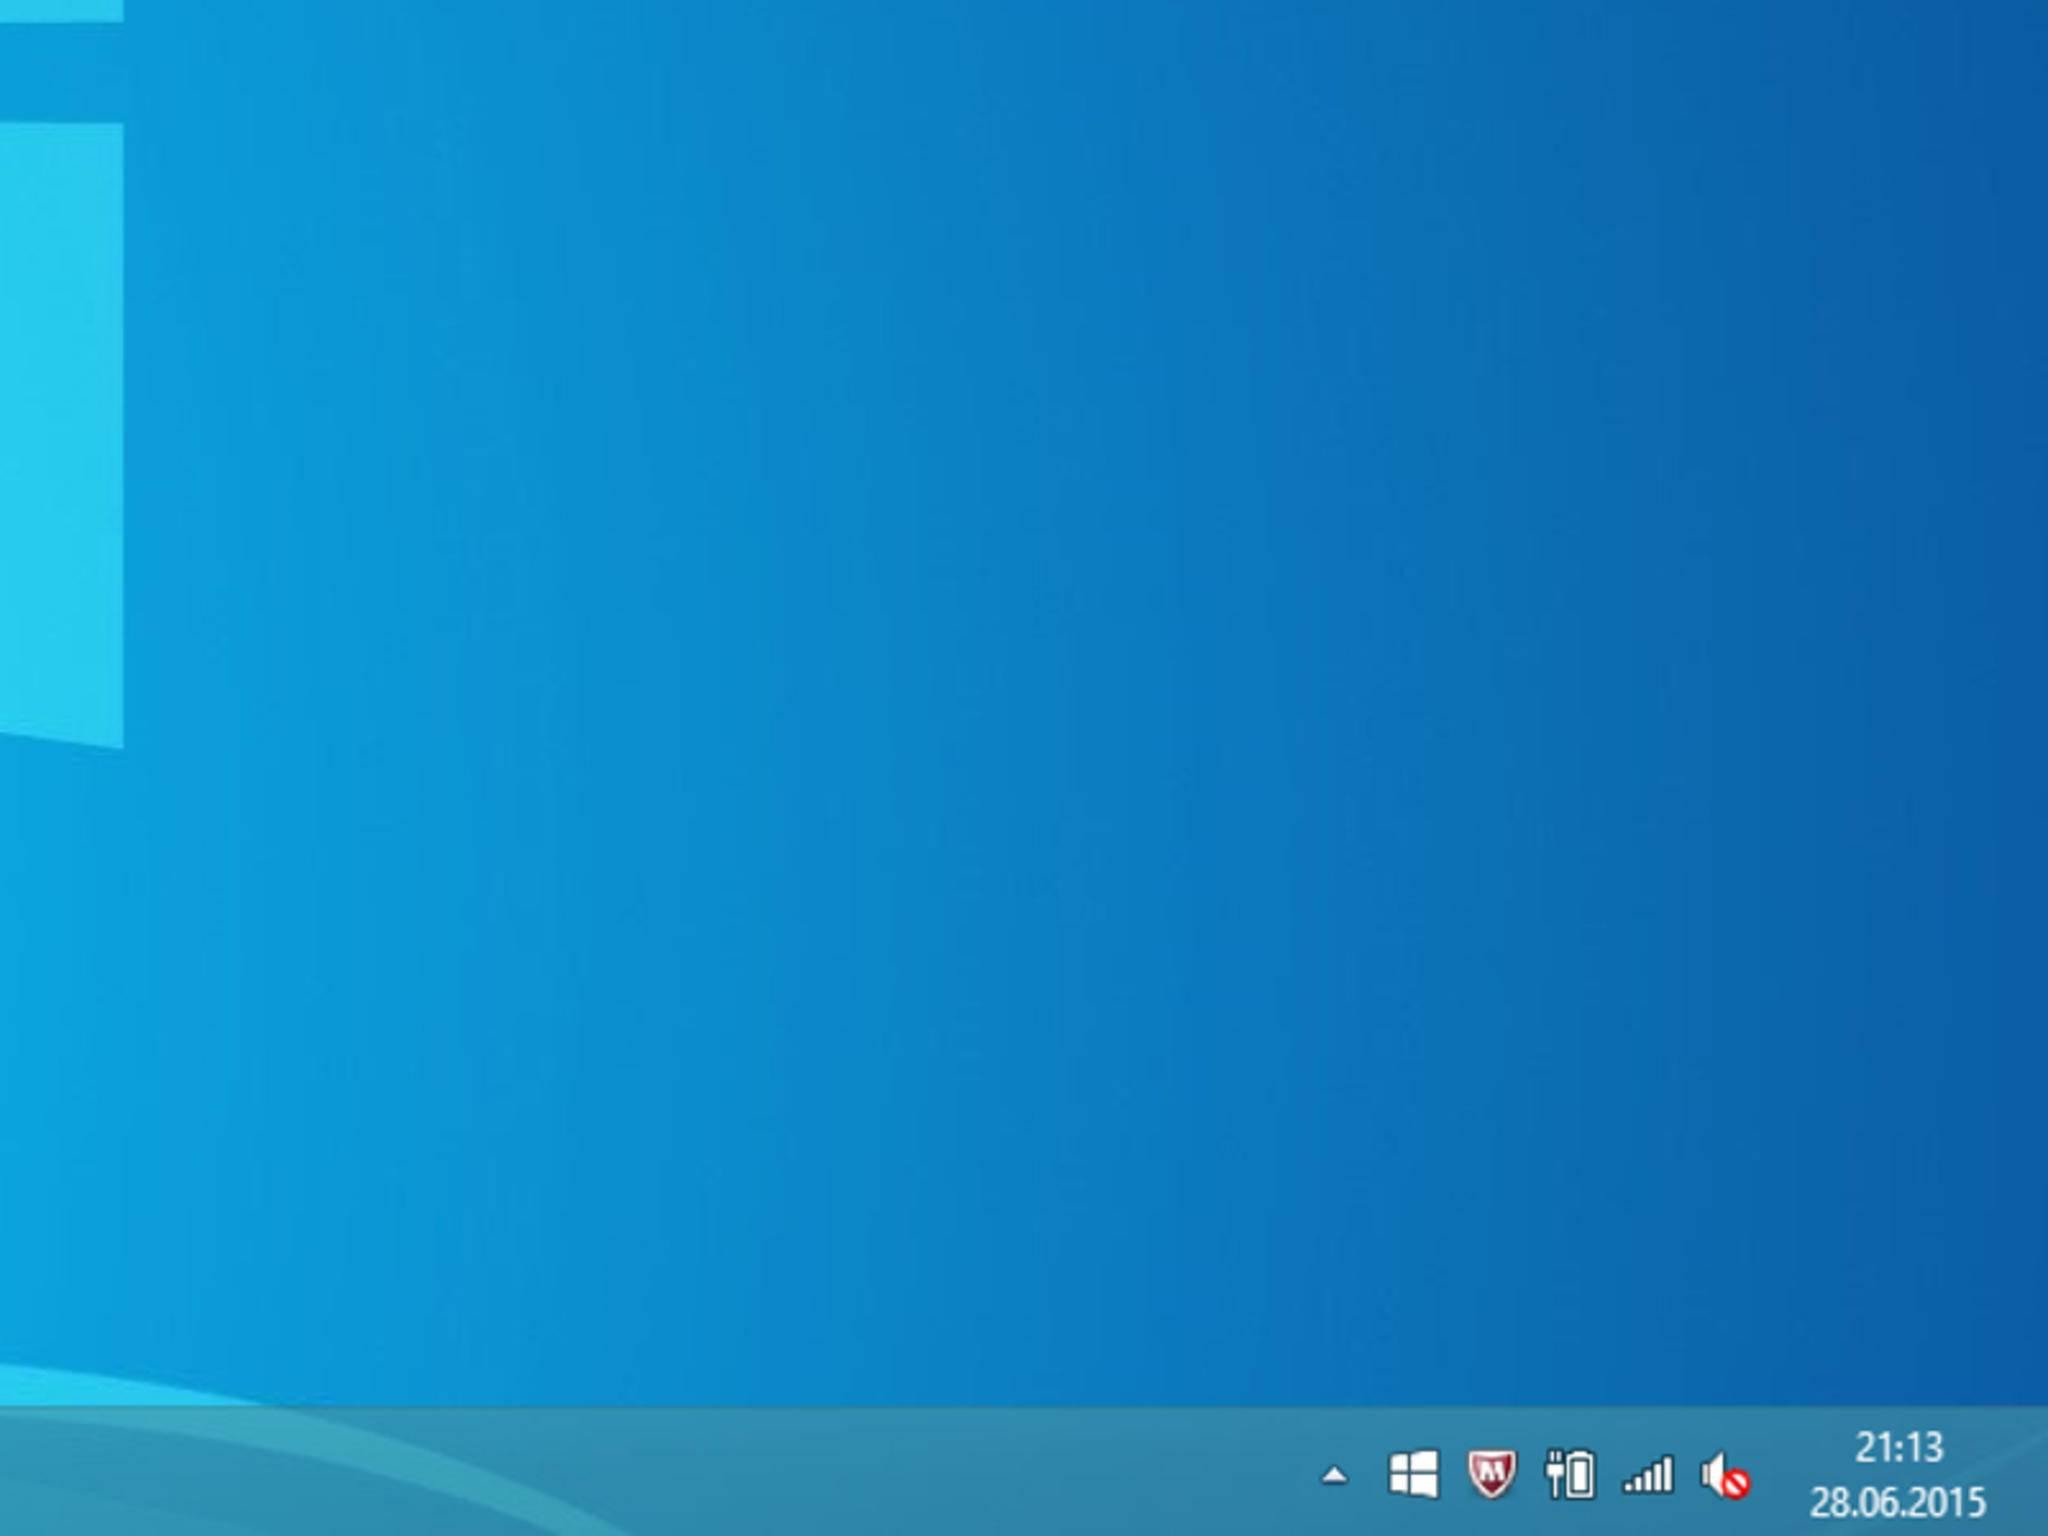 Das Update-Symbol findet sich unten rechts in der Taskleiste.